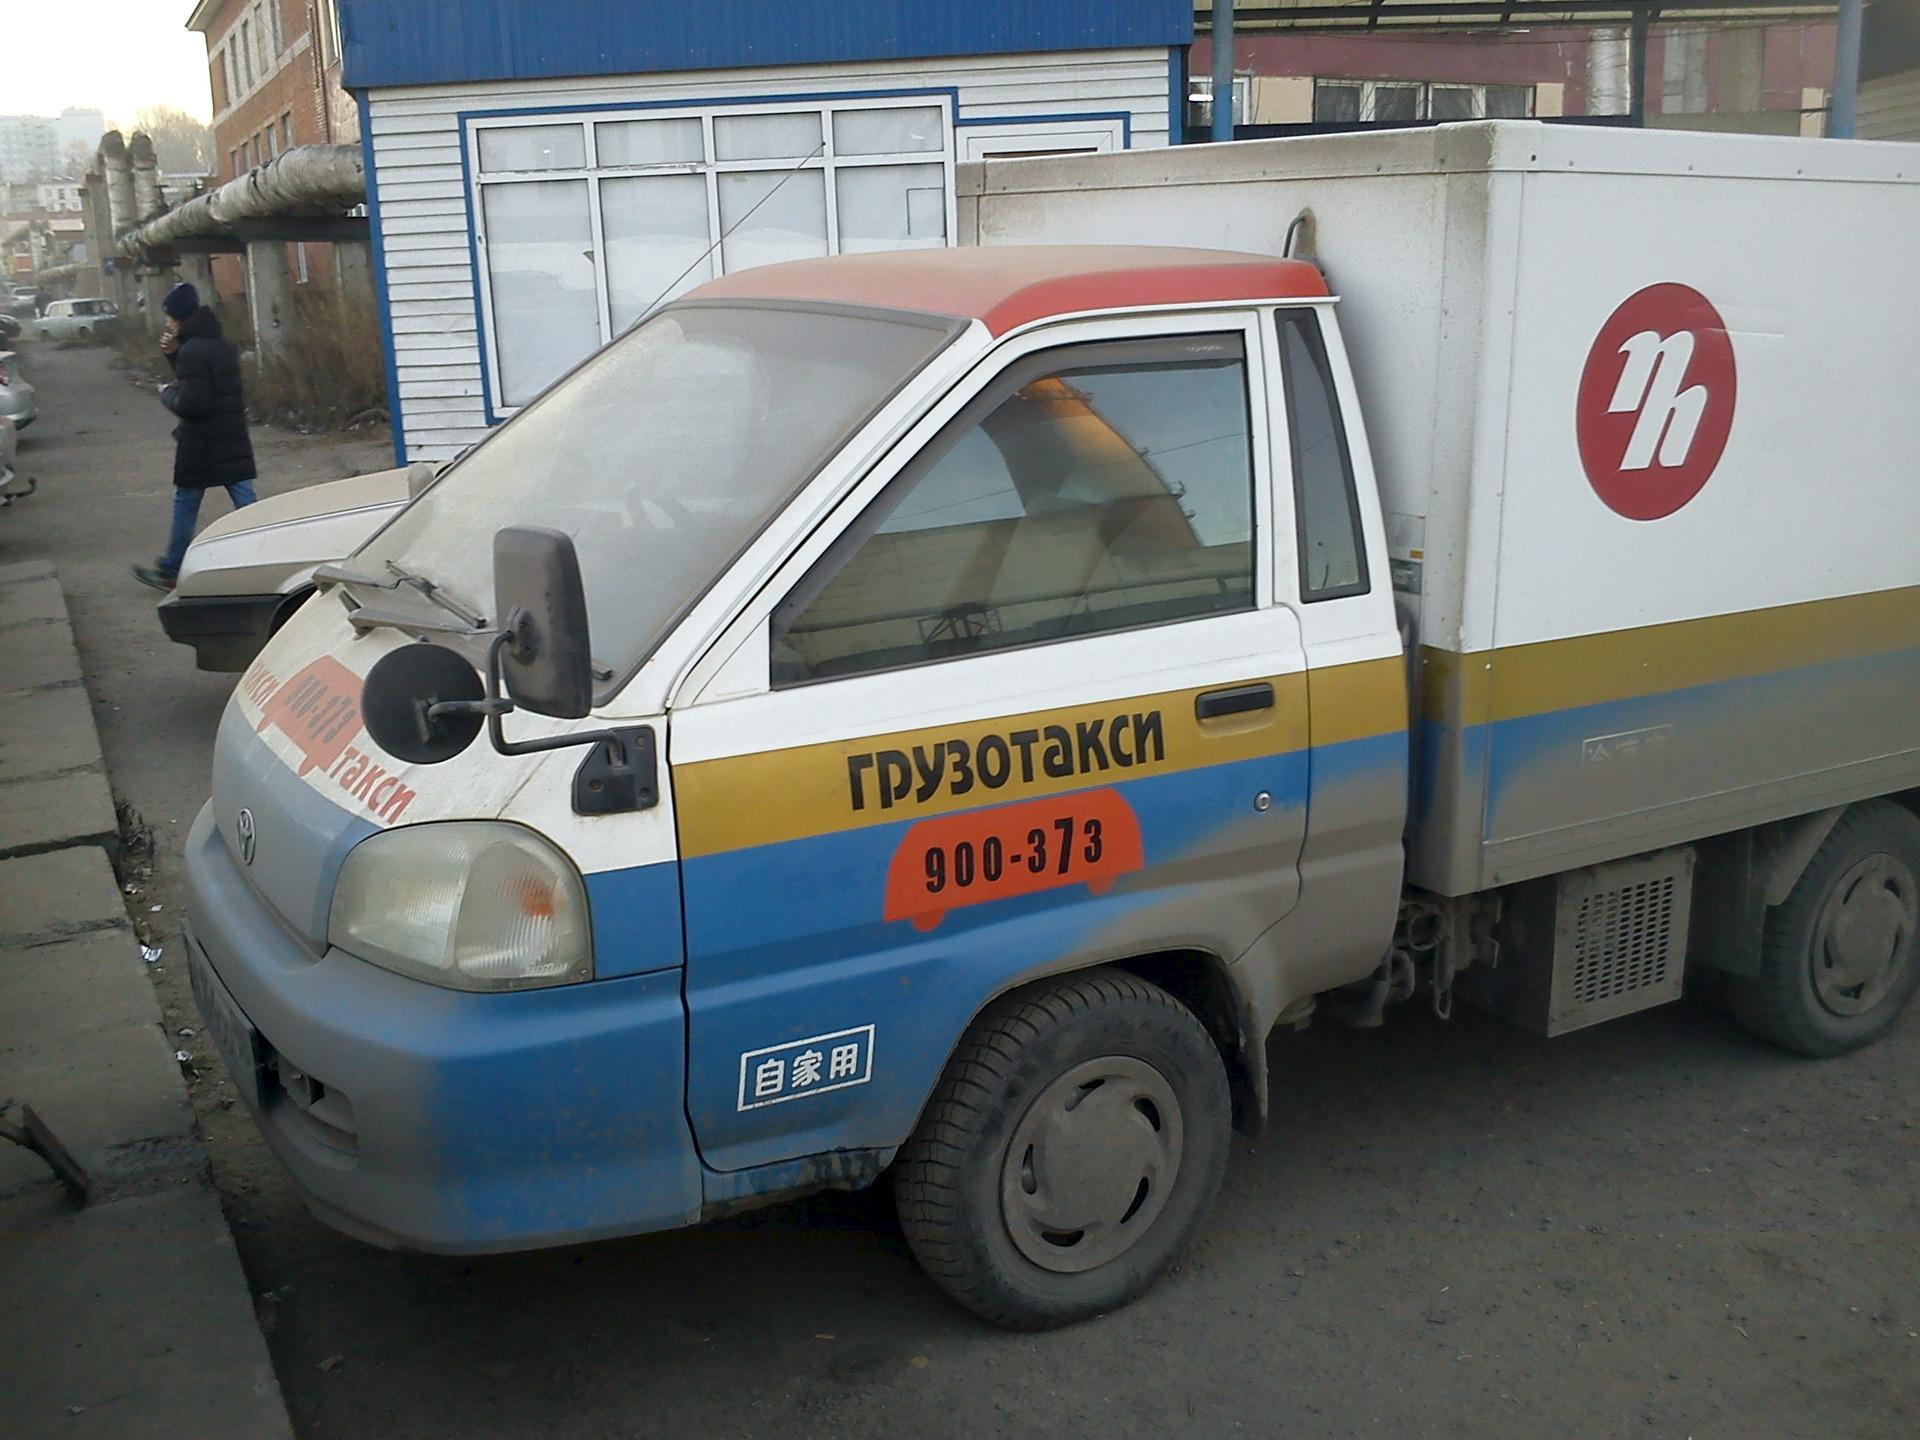 никакое, самое автомобиль год выпуска для работы водителем экспедитором under Блог,Полезное and